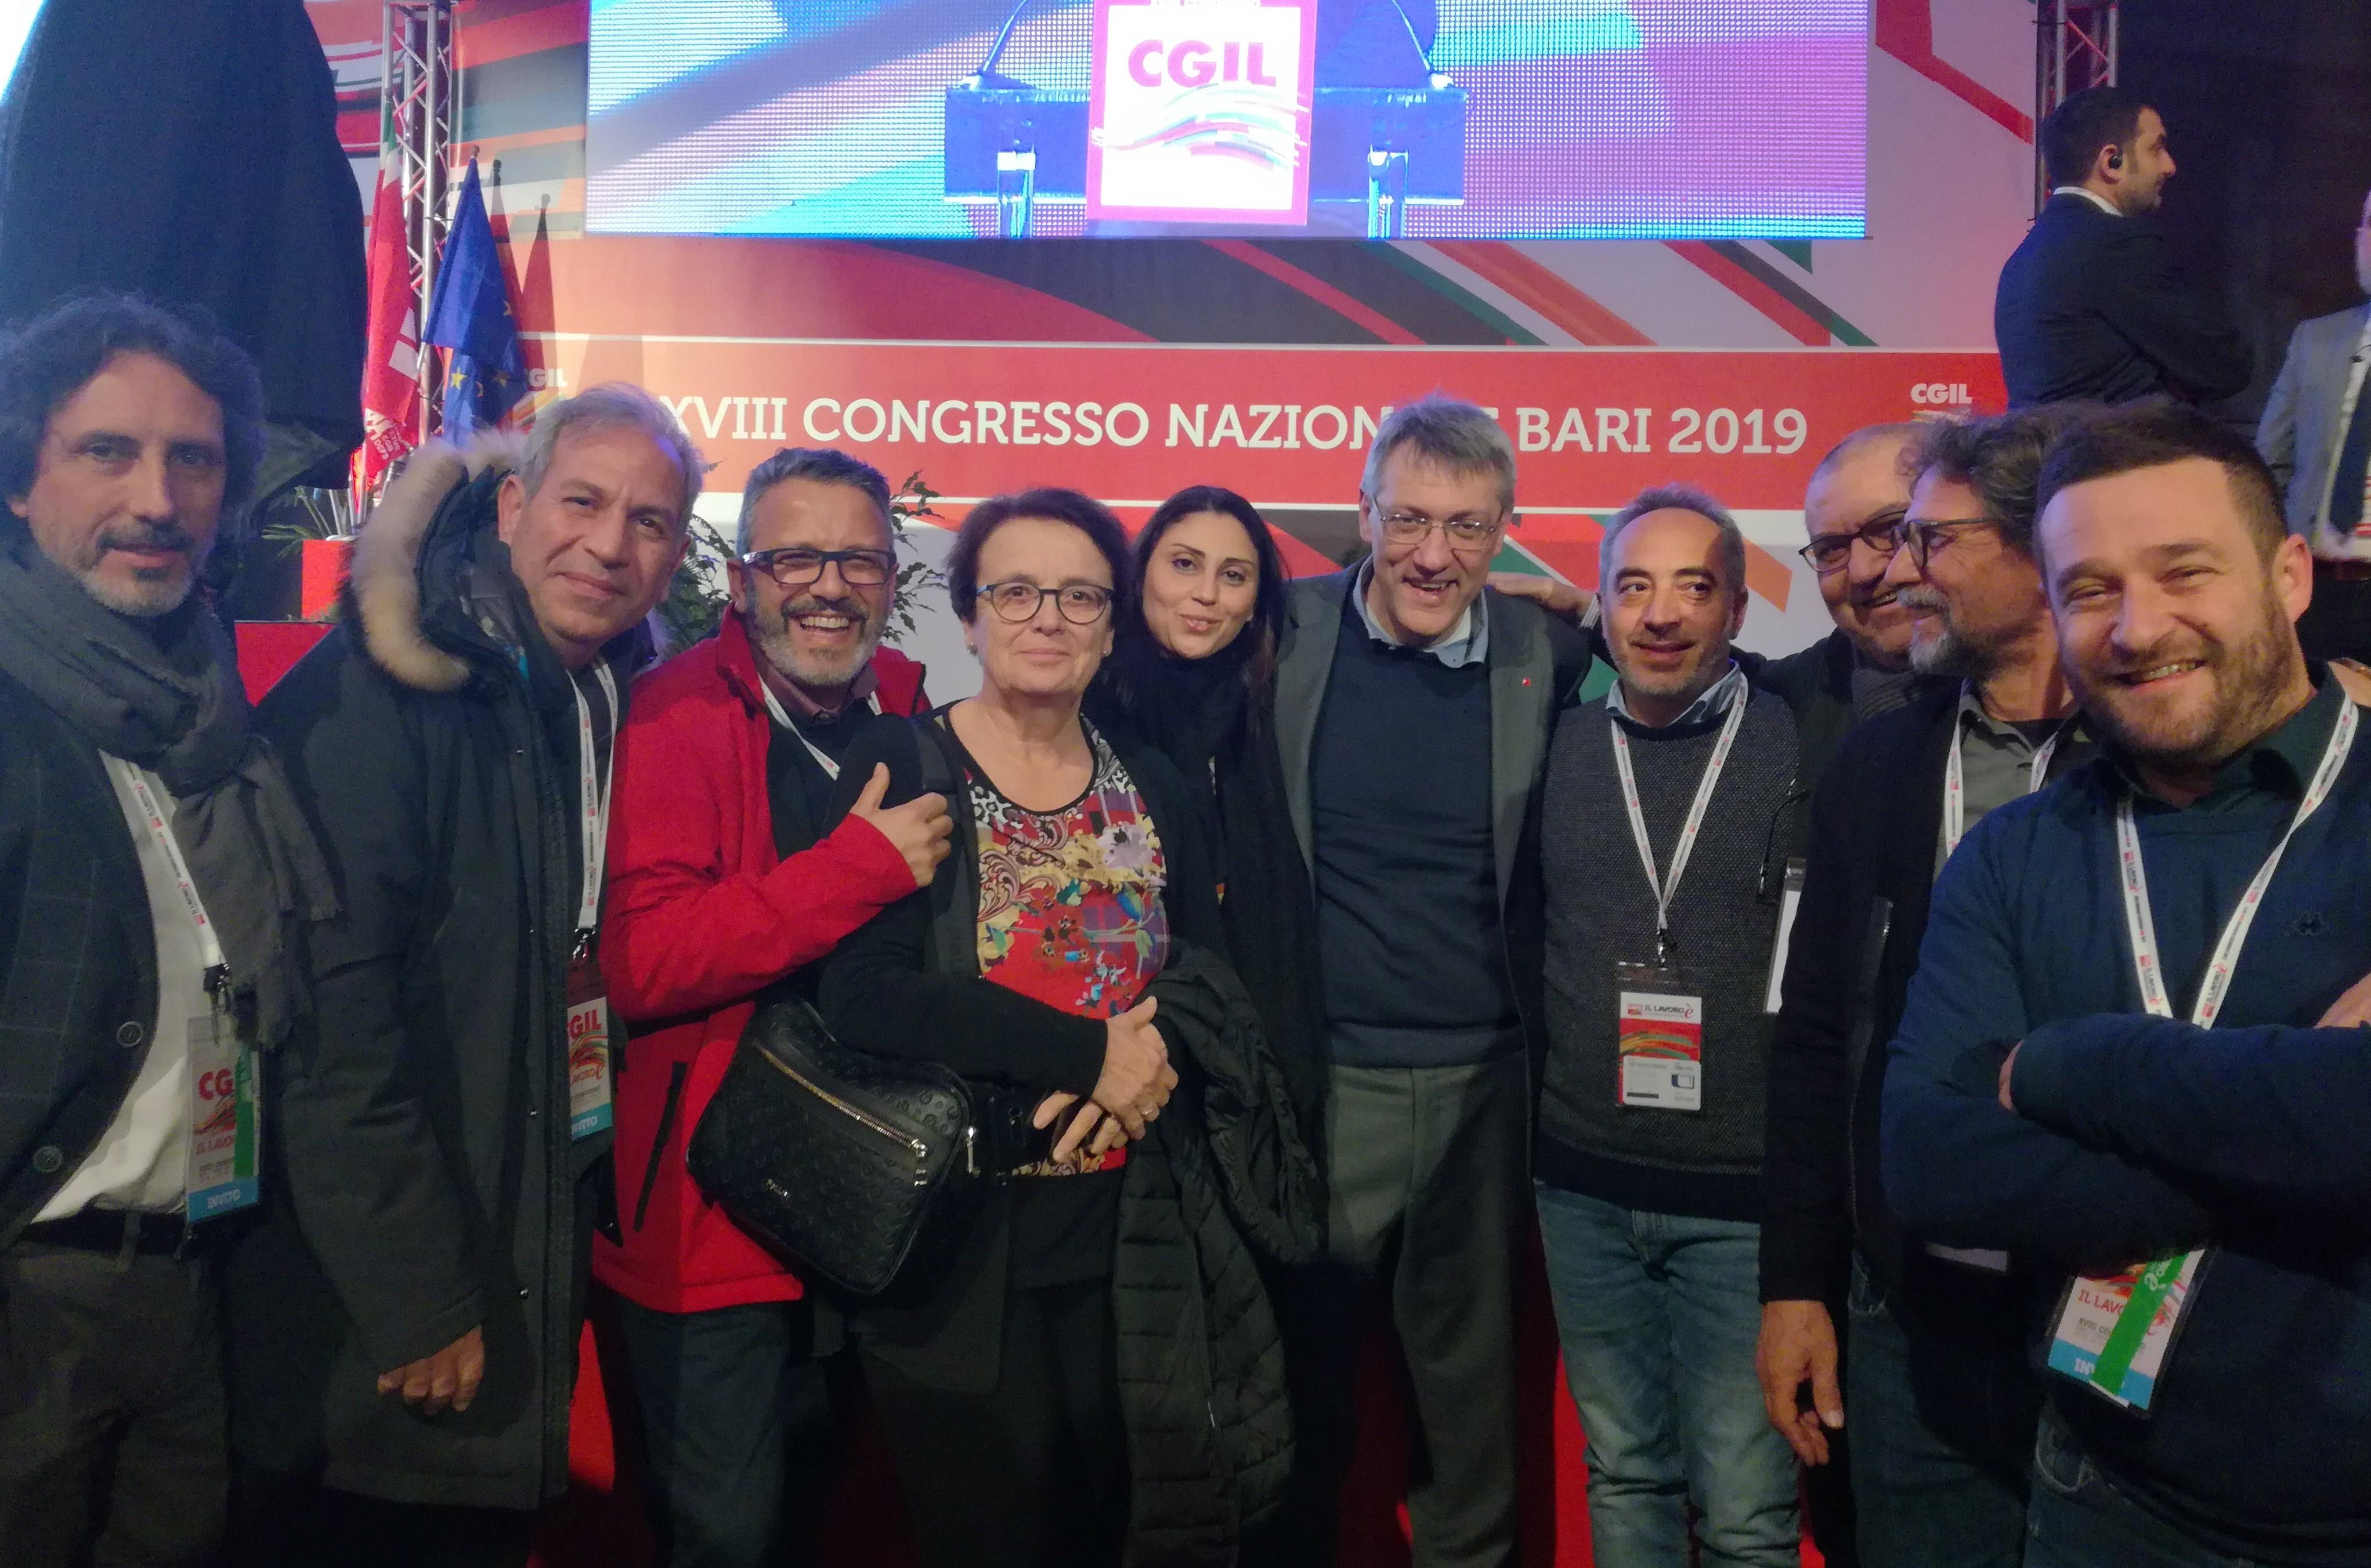 Delegazione iblea presente al congresso nazionale della Cgil a Bari